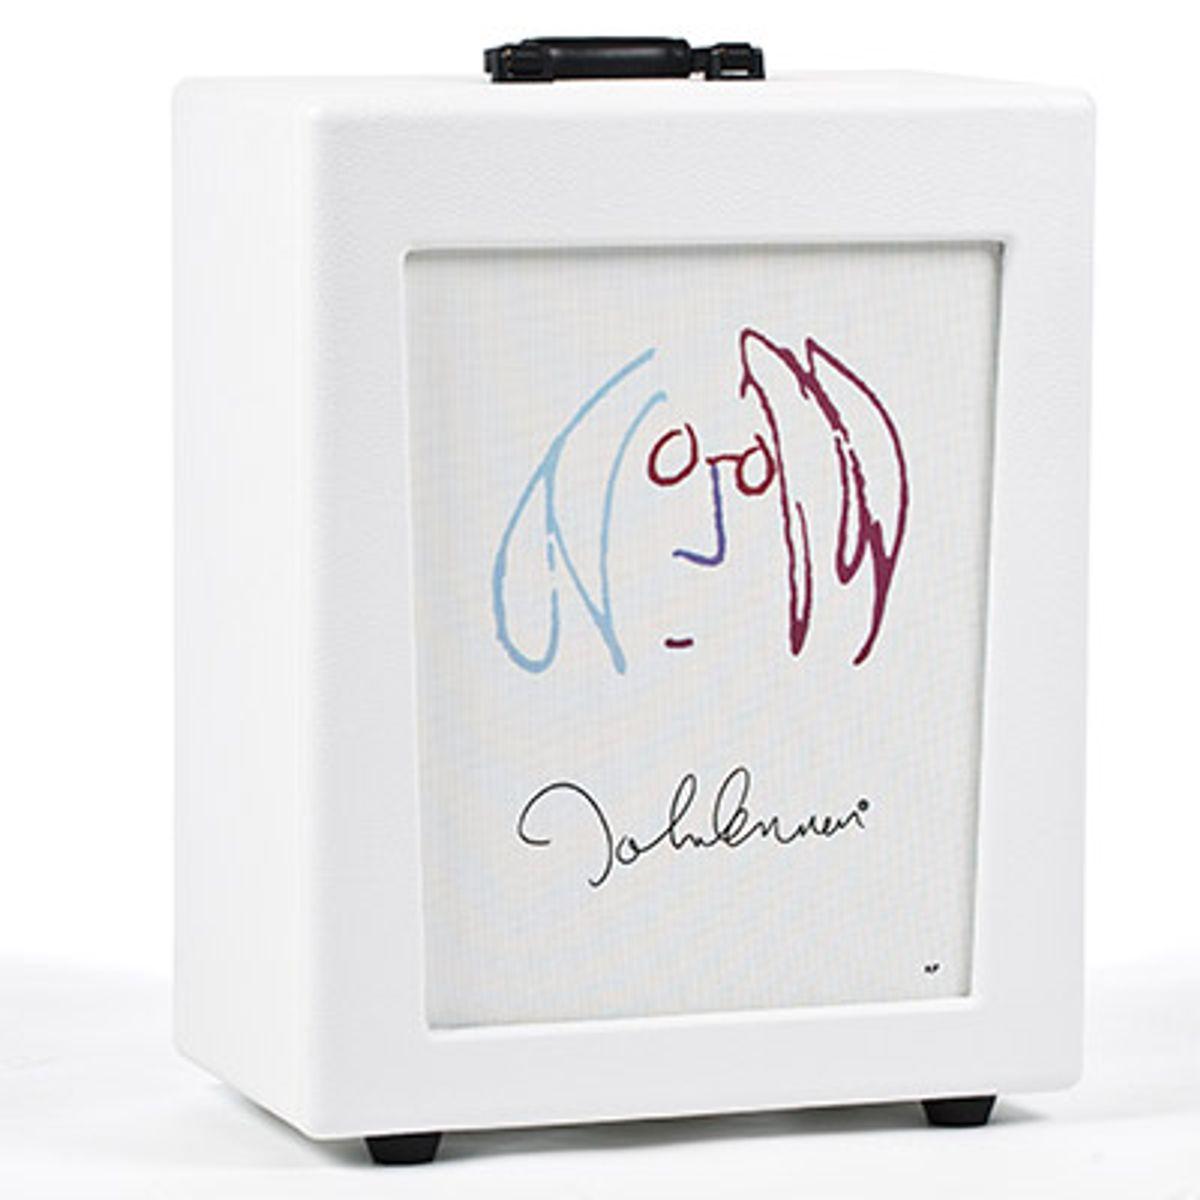 Fargen Amplification Announces John Lennon Signature Amp Line